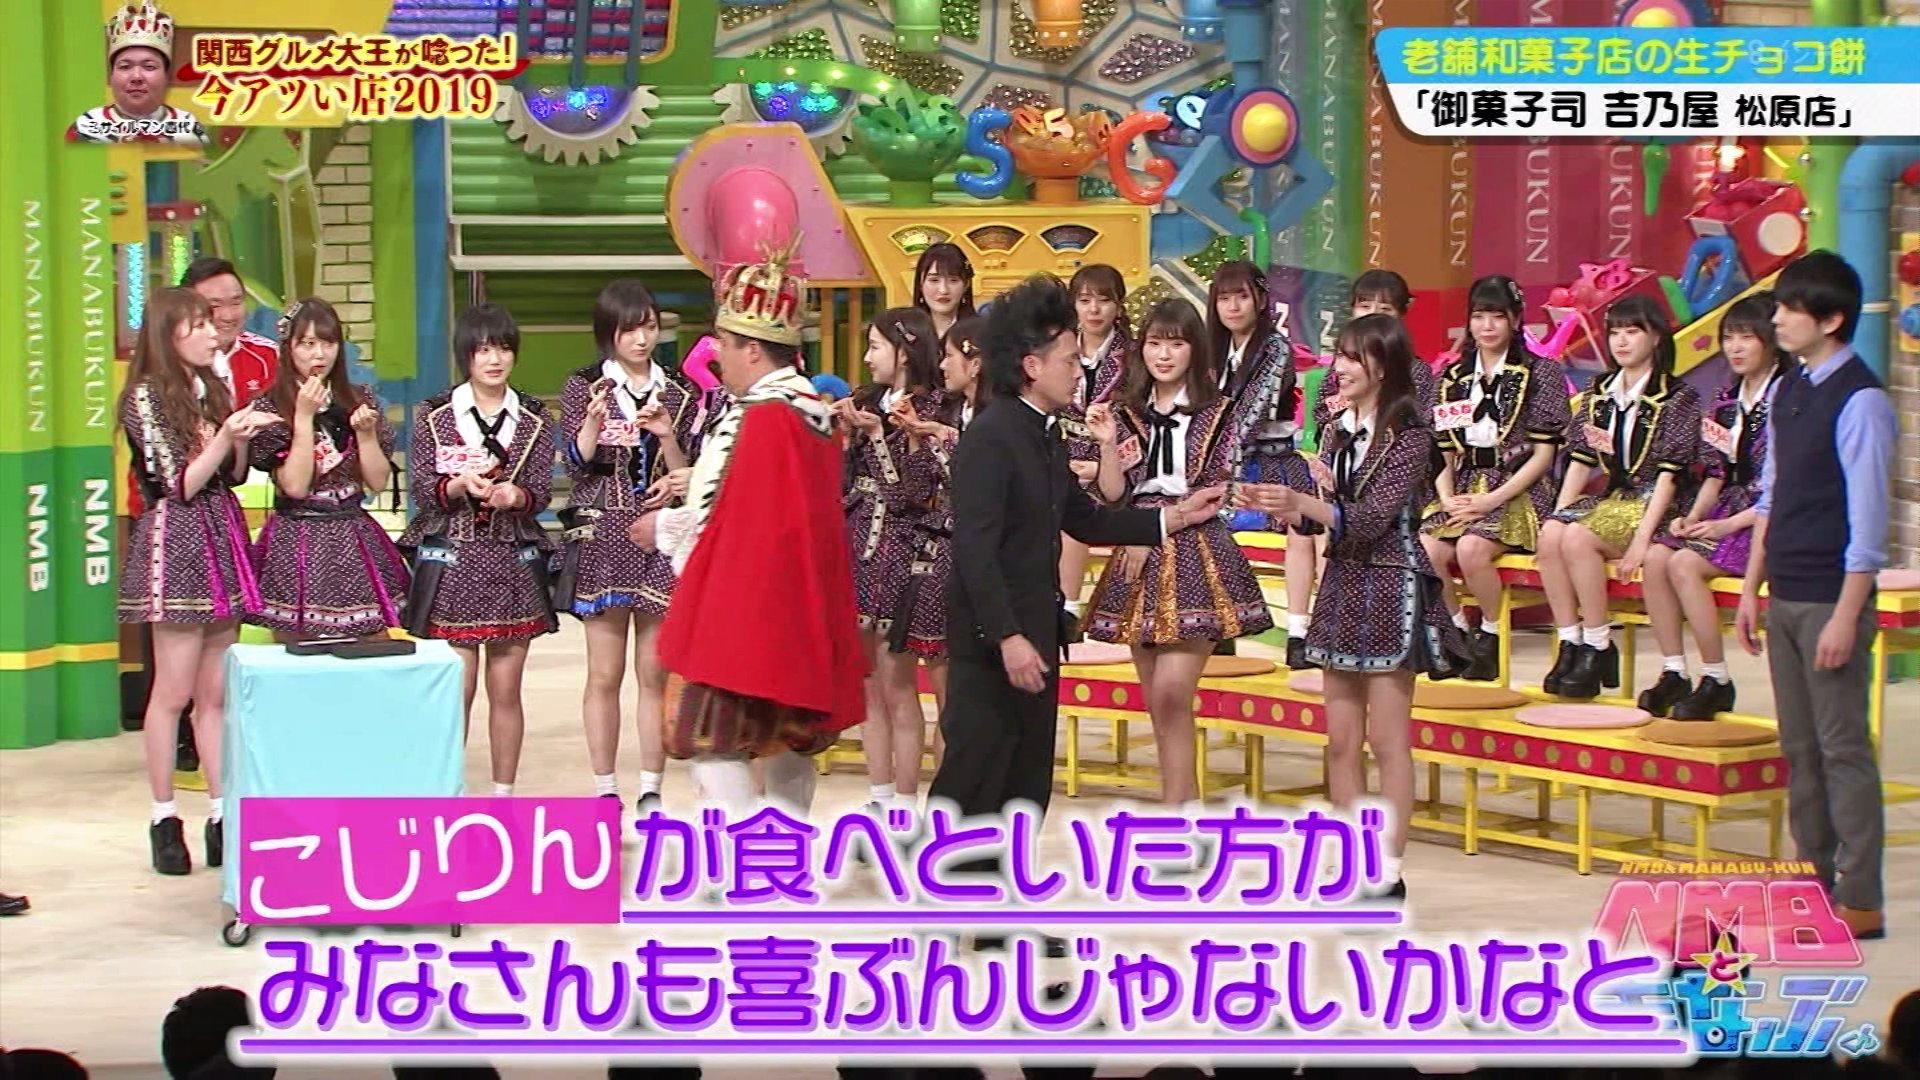 【NMB48】4/19NMBとまなぶくん#303の画像。「今夜はワロタNIGHT!白熱芸人教室SP」2週目。